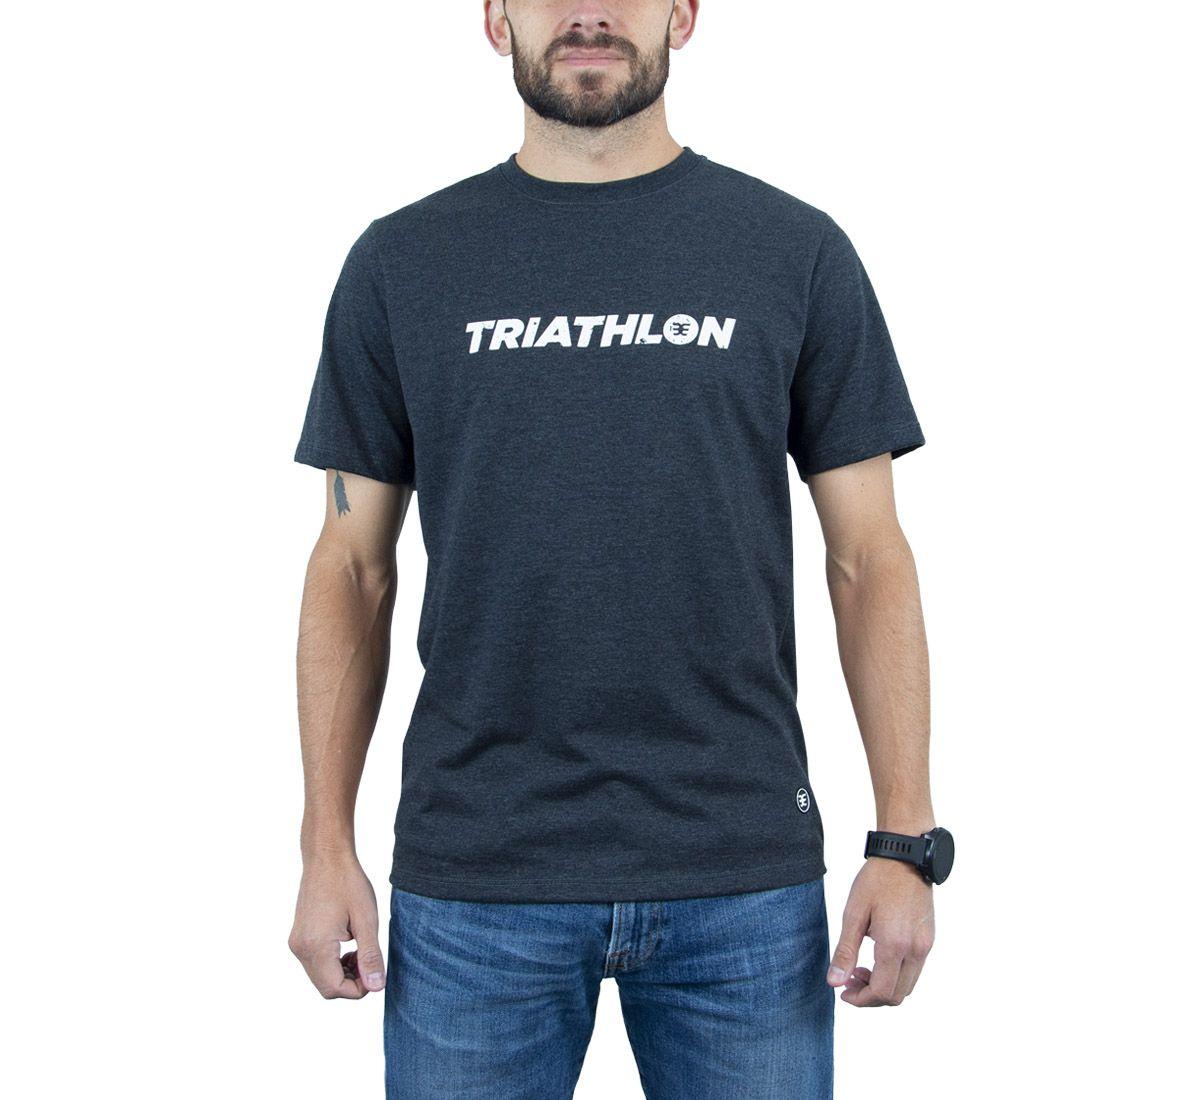 Camiseta Triathlon Masc - Dark Mescla - Woom 247